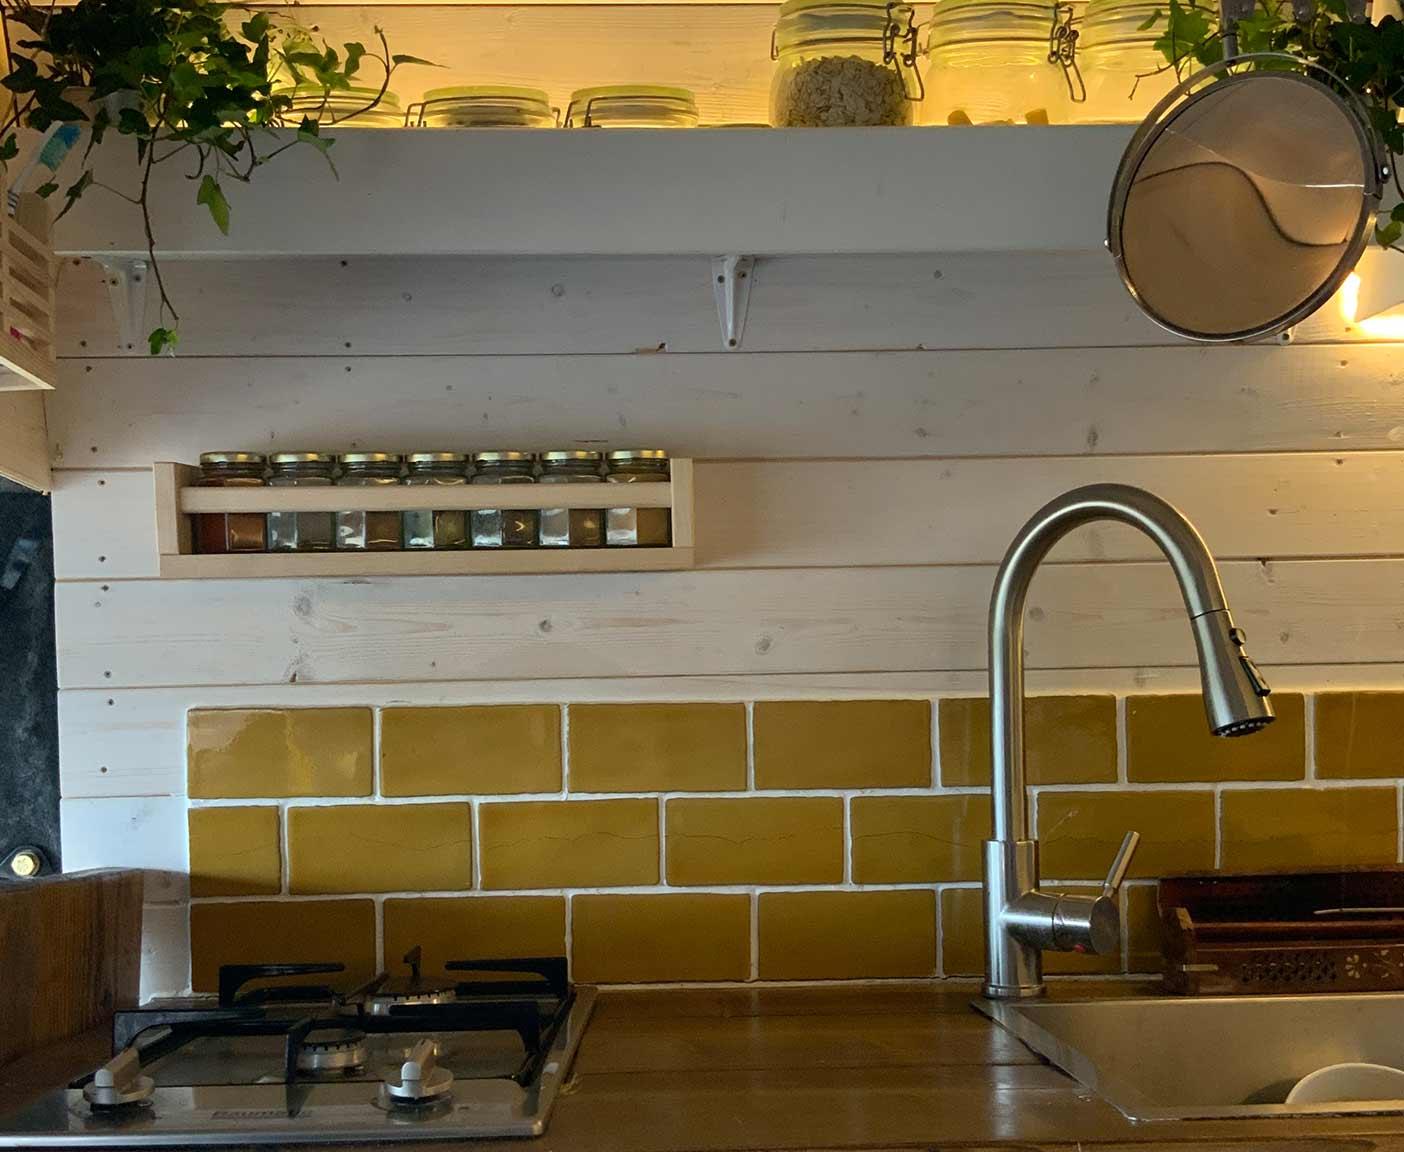 ldv-convoy-kaufen-wohnmobil-maxus-camper-ersatzteile-kitchen